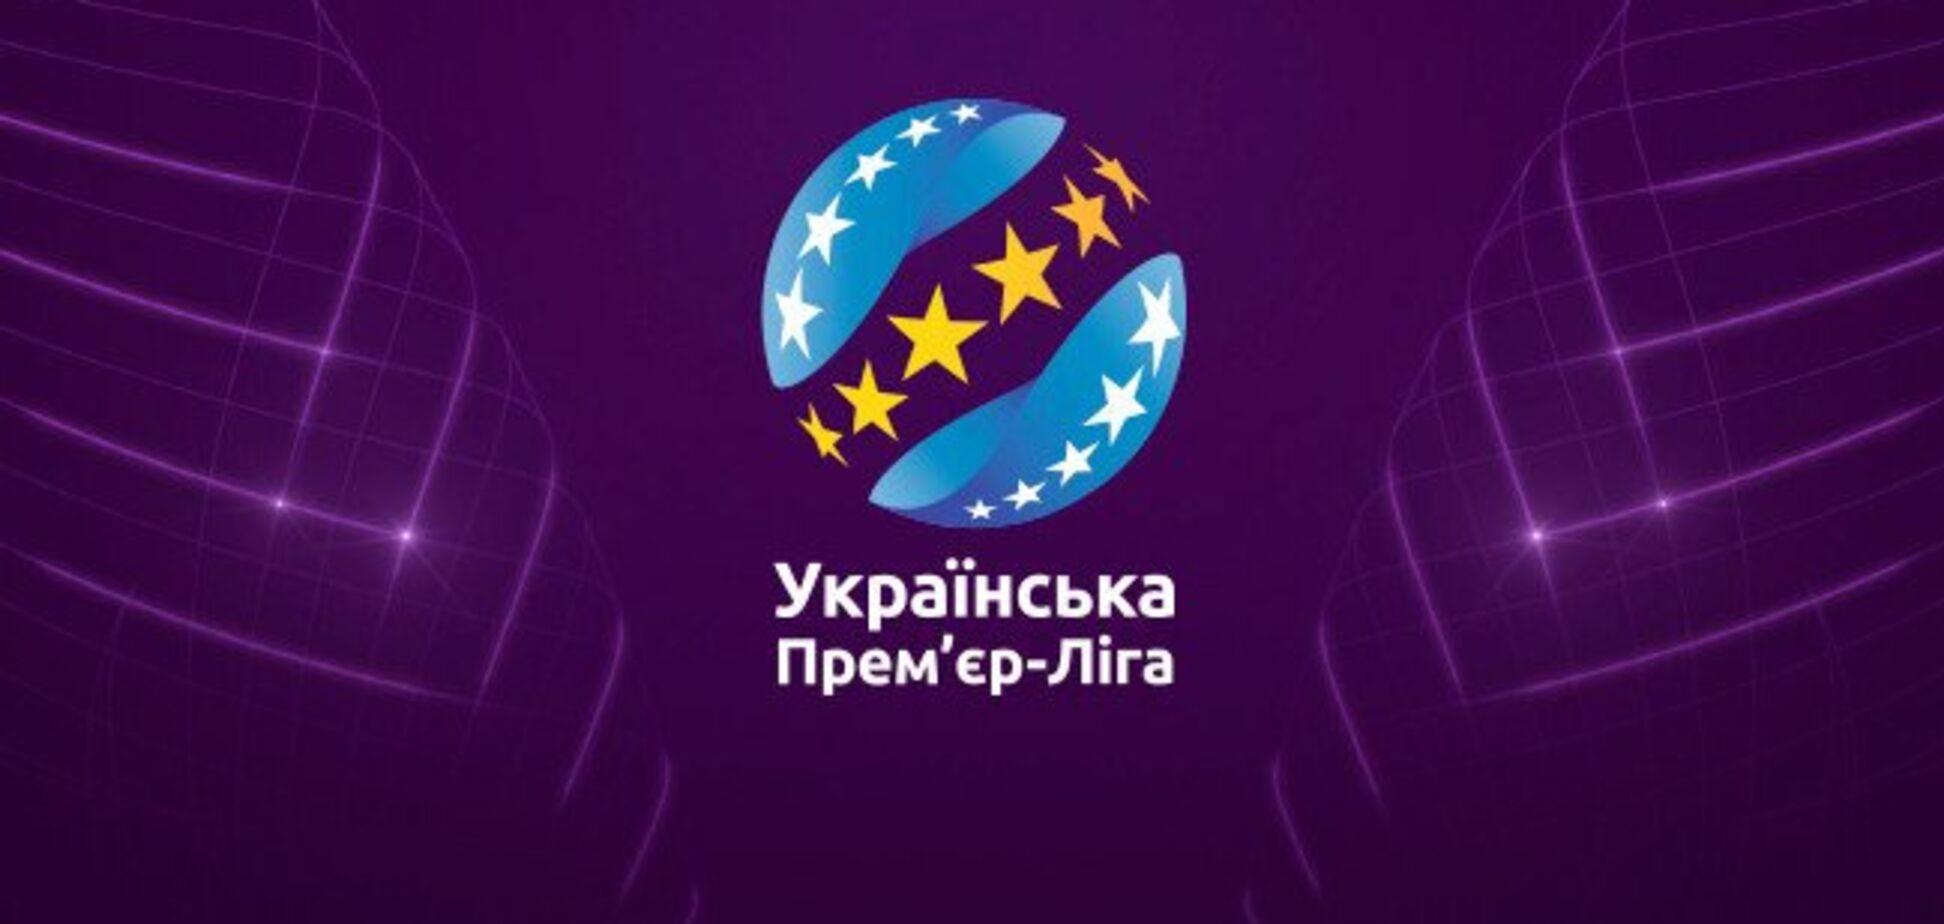 В украинском футболе принято революционное решение: все подробности